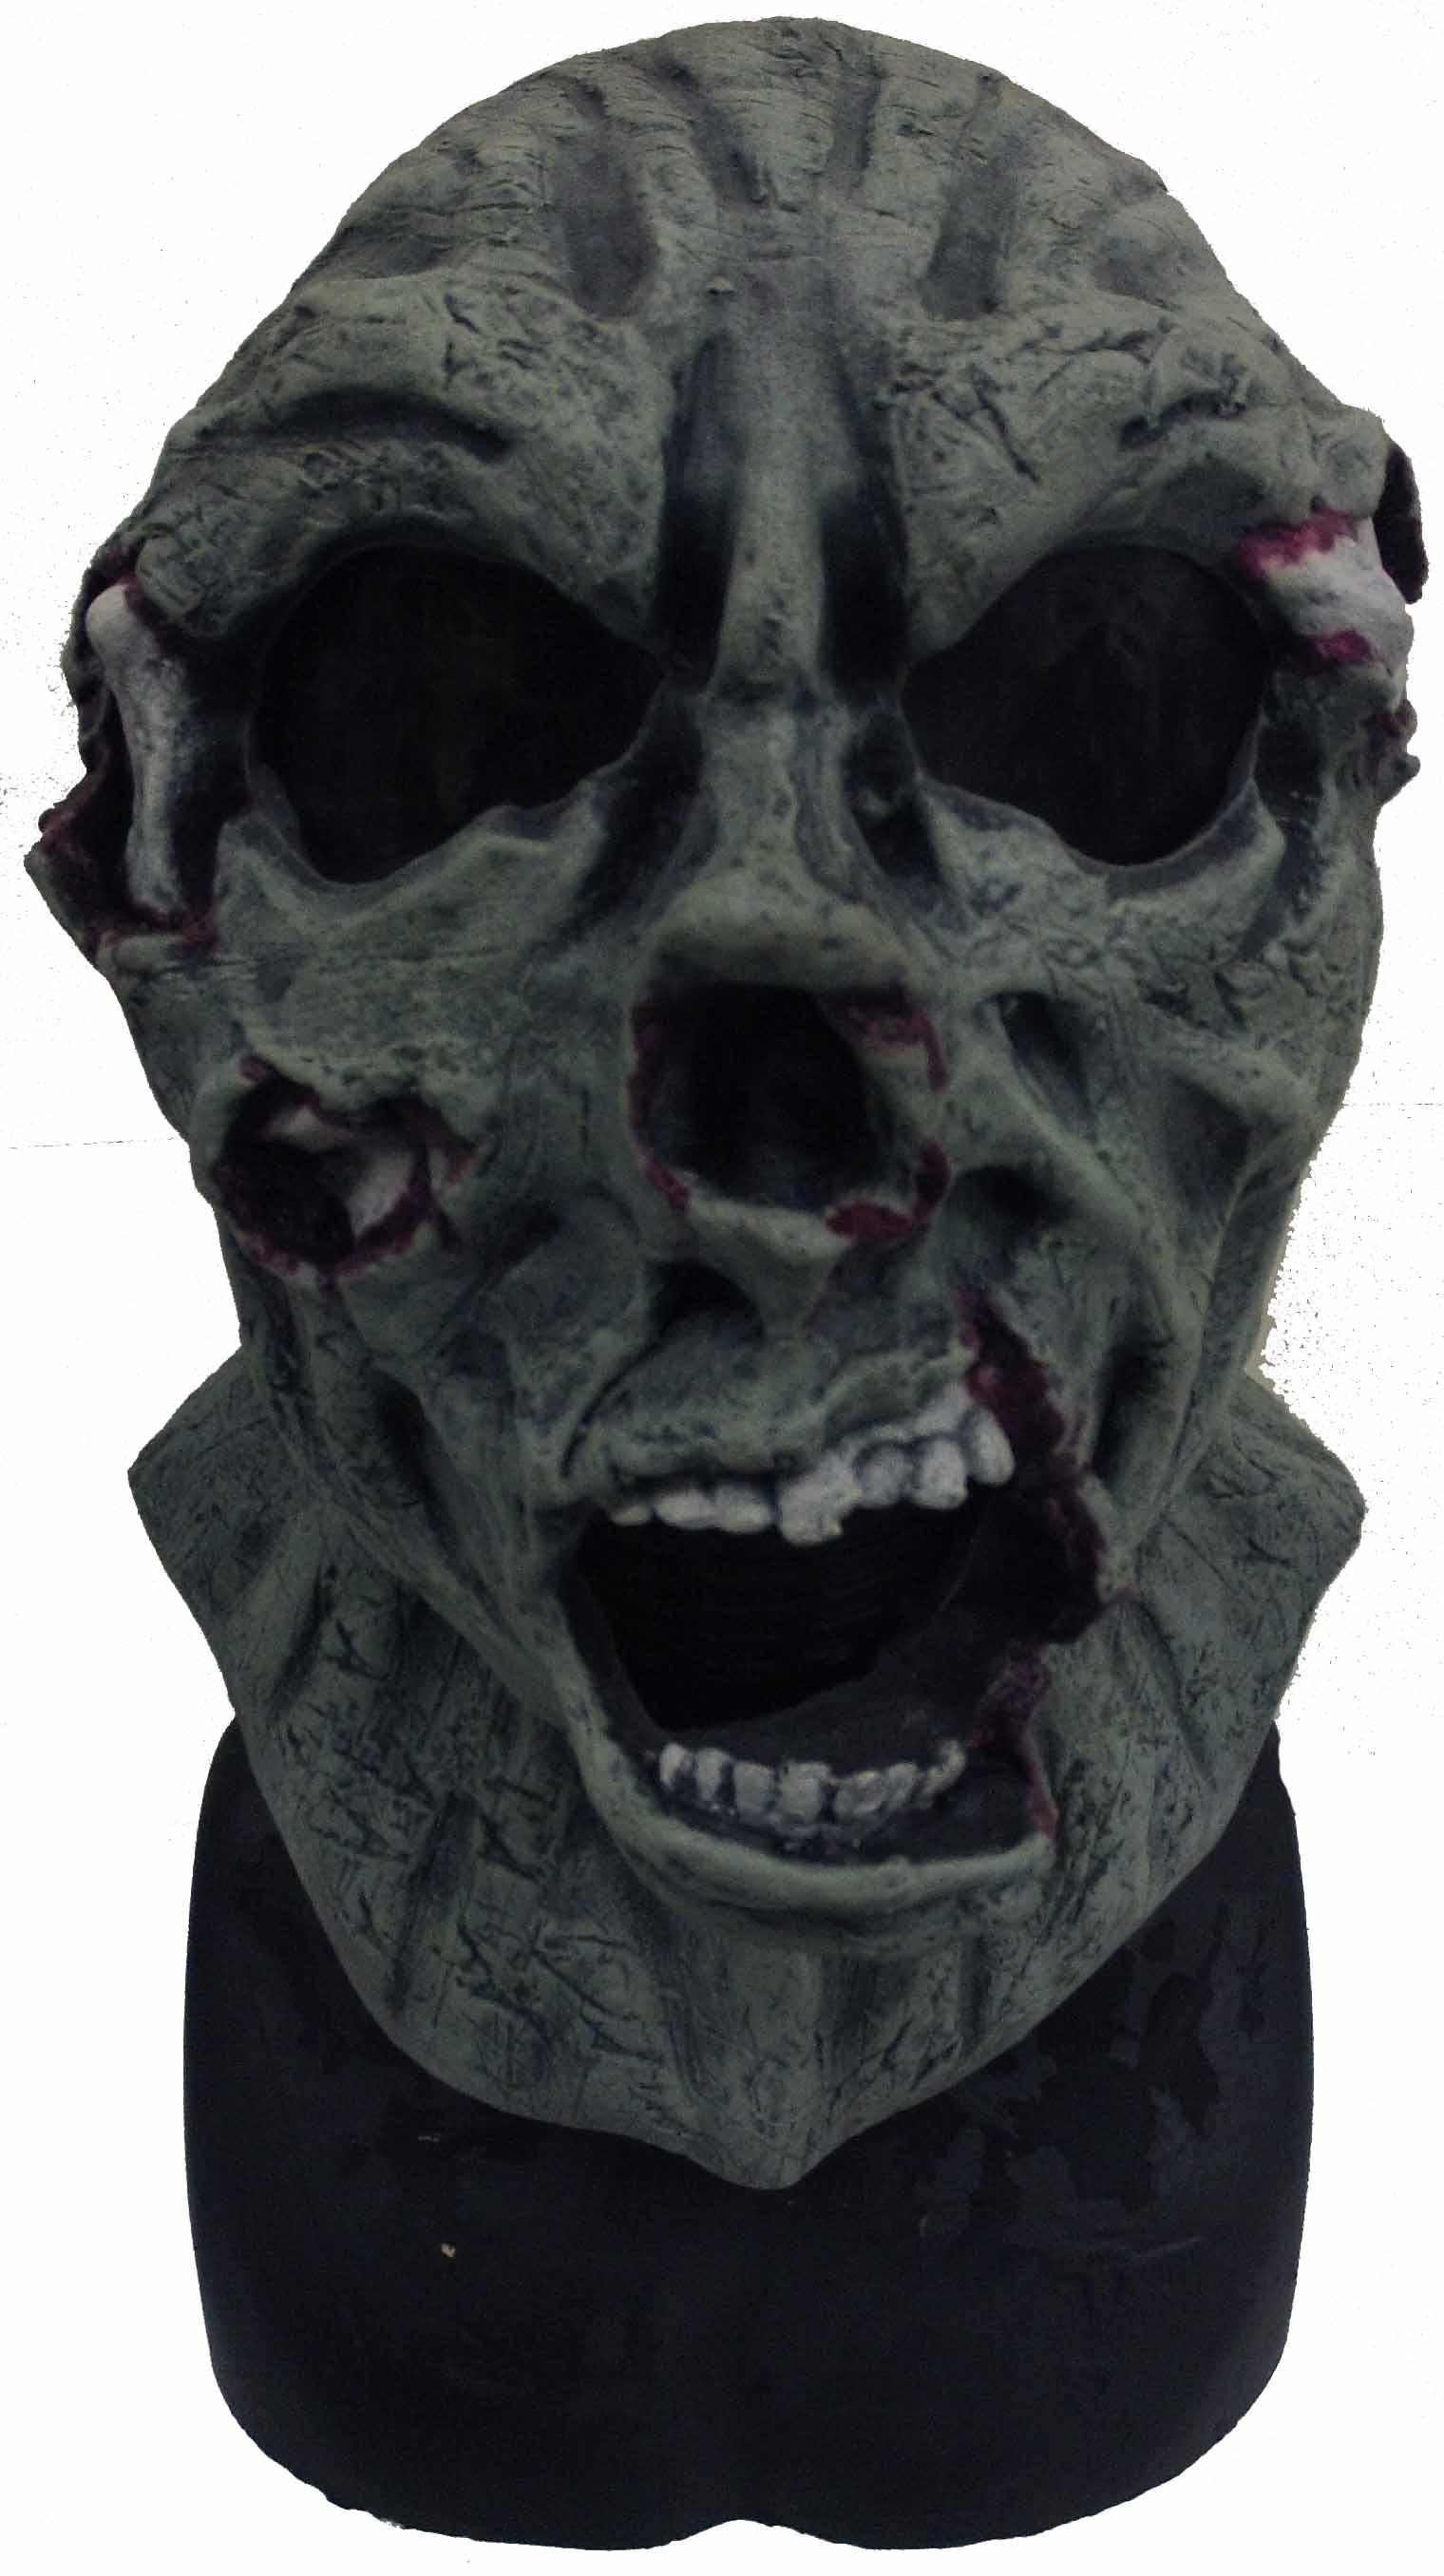 Rib-man PB mask